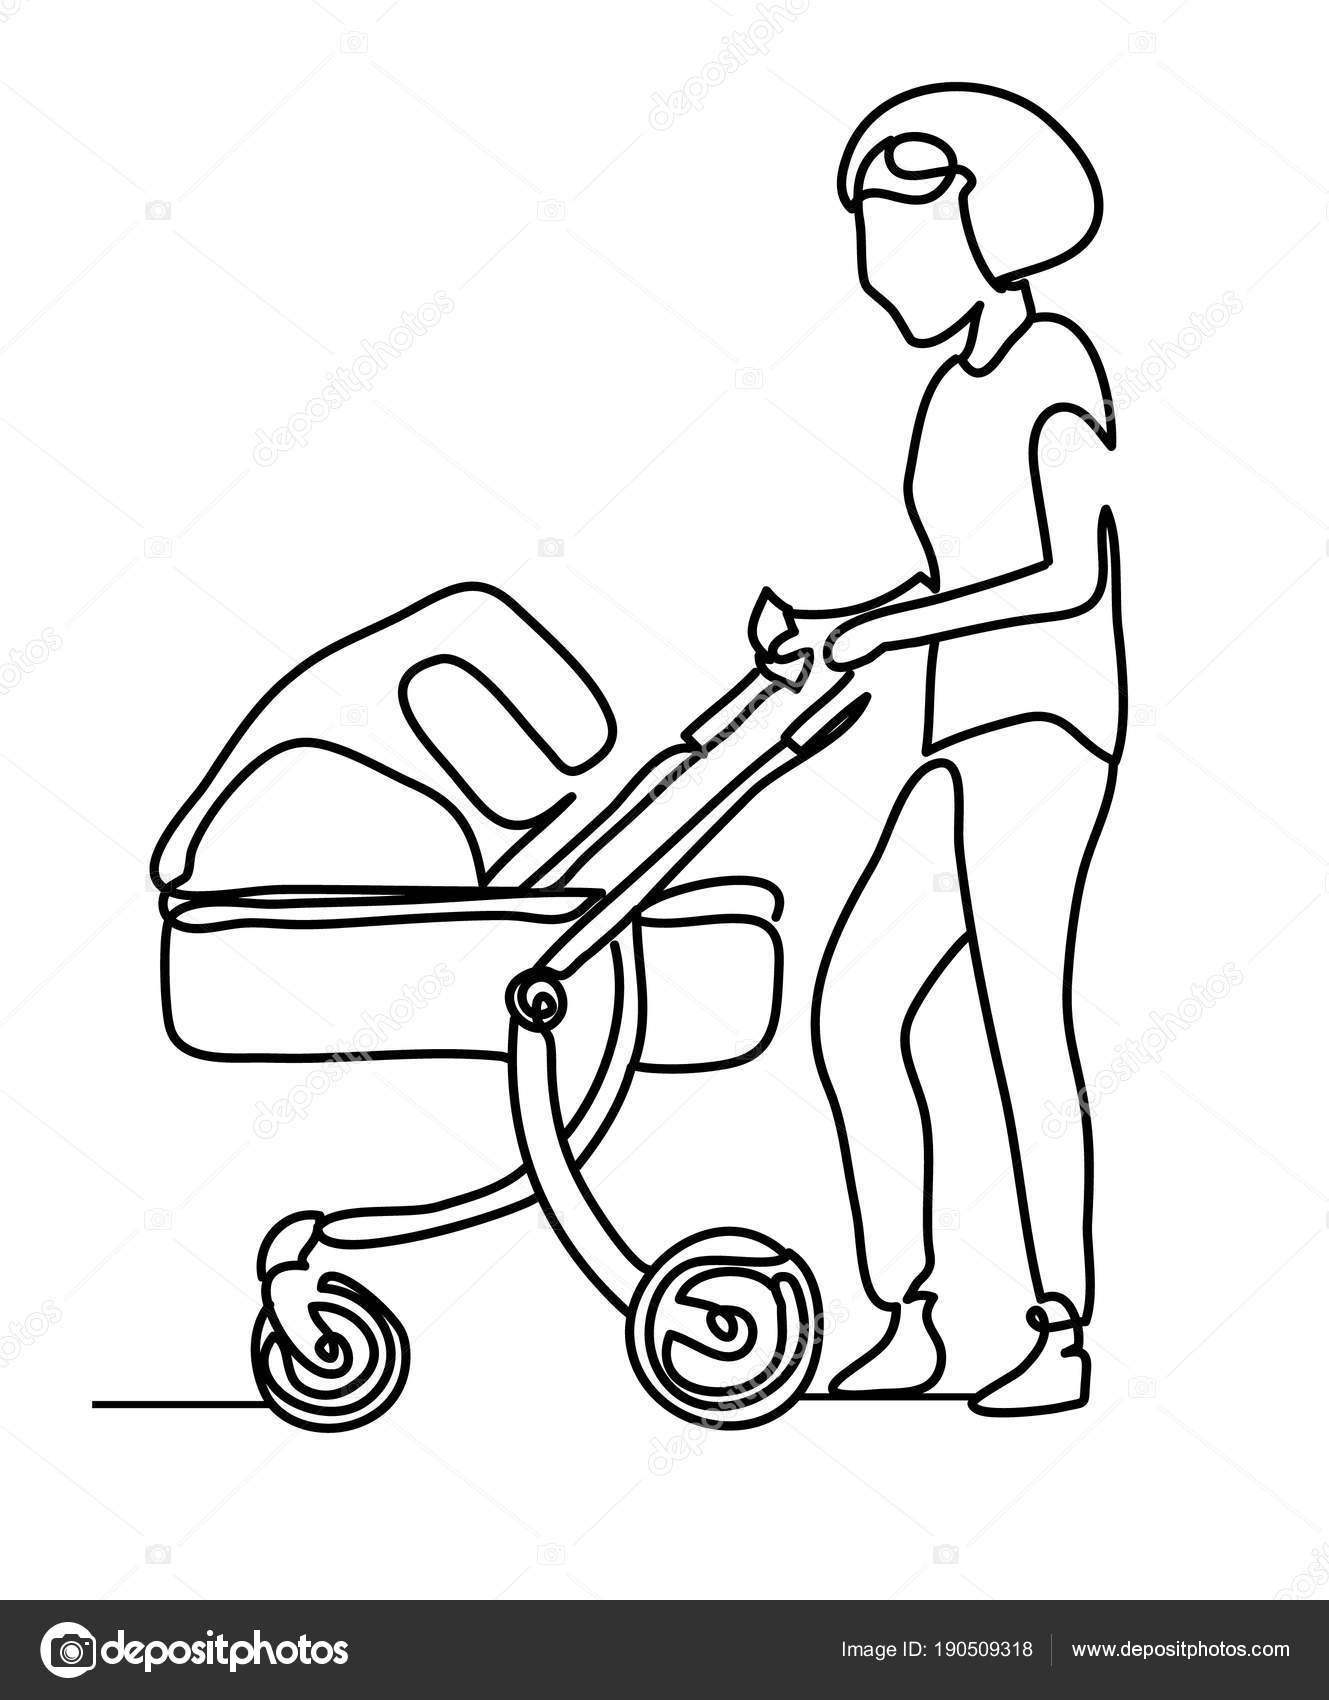 Dessin Au Trait Continu Une Seule Ligne Femme Avec Un Bebe Dans